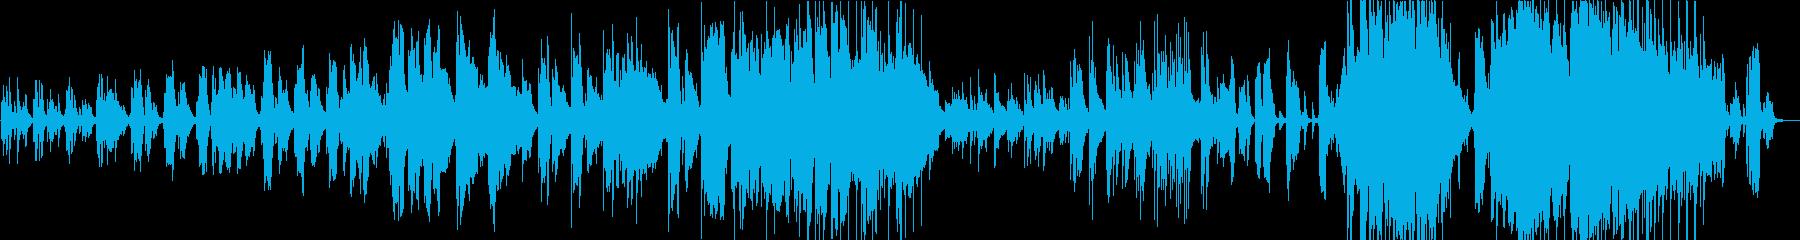 女性Vo./ピアノバラード/ノスタルジーの再生済みの波形